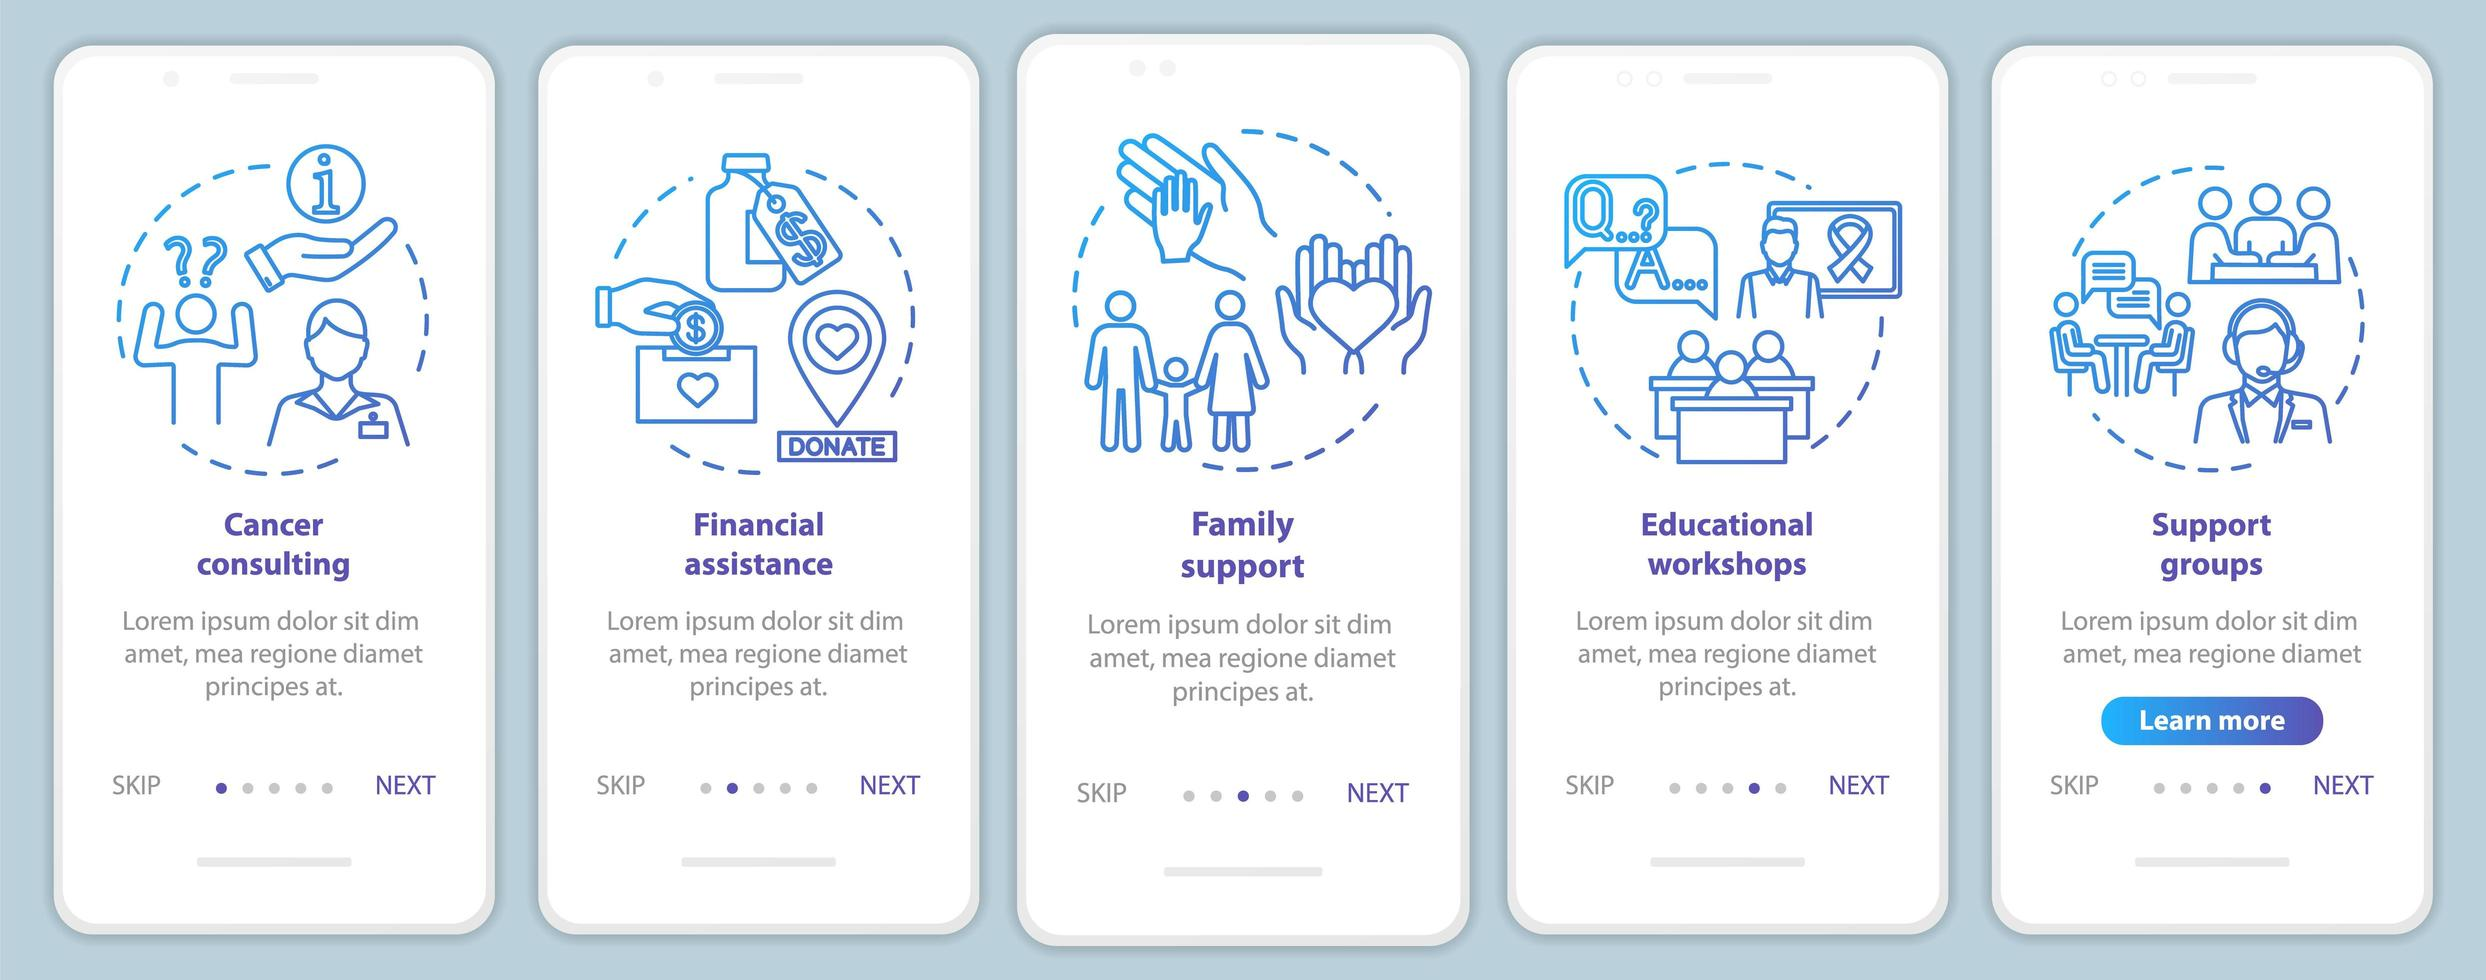 Ayuda de oncología para incorporar la pantalla de la página de la aplicación móvil vector